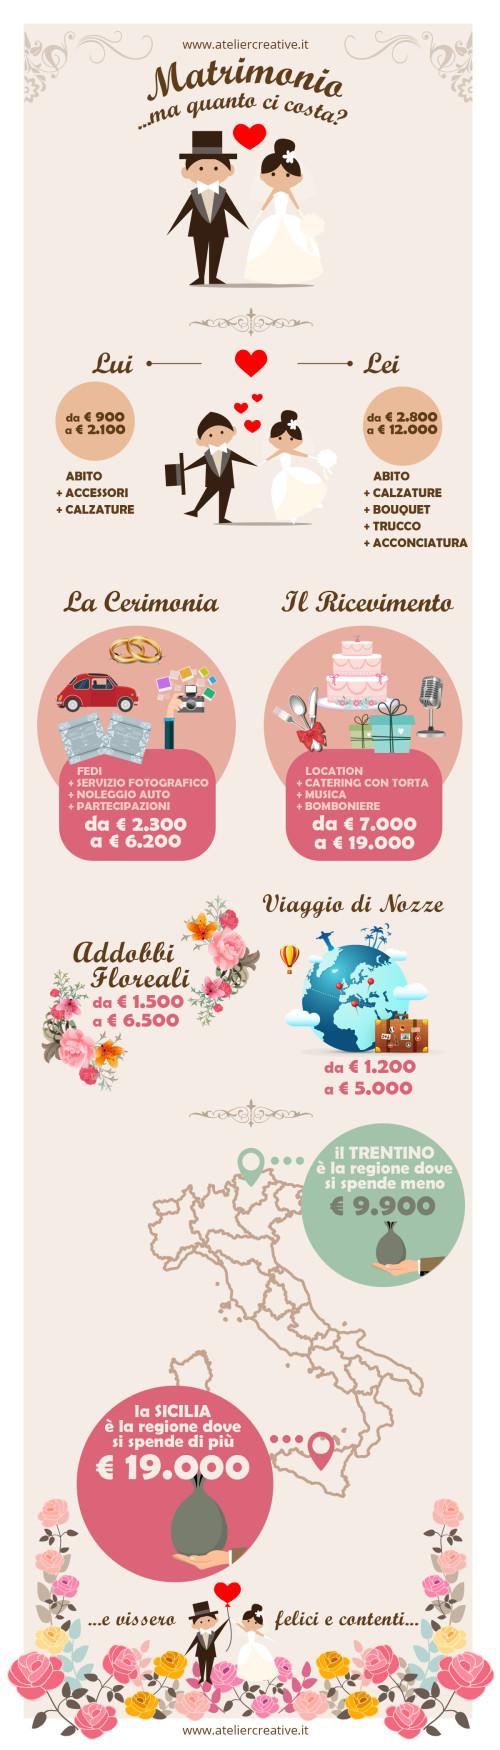 Quanto costa un matrimonio